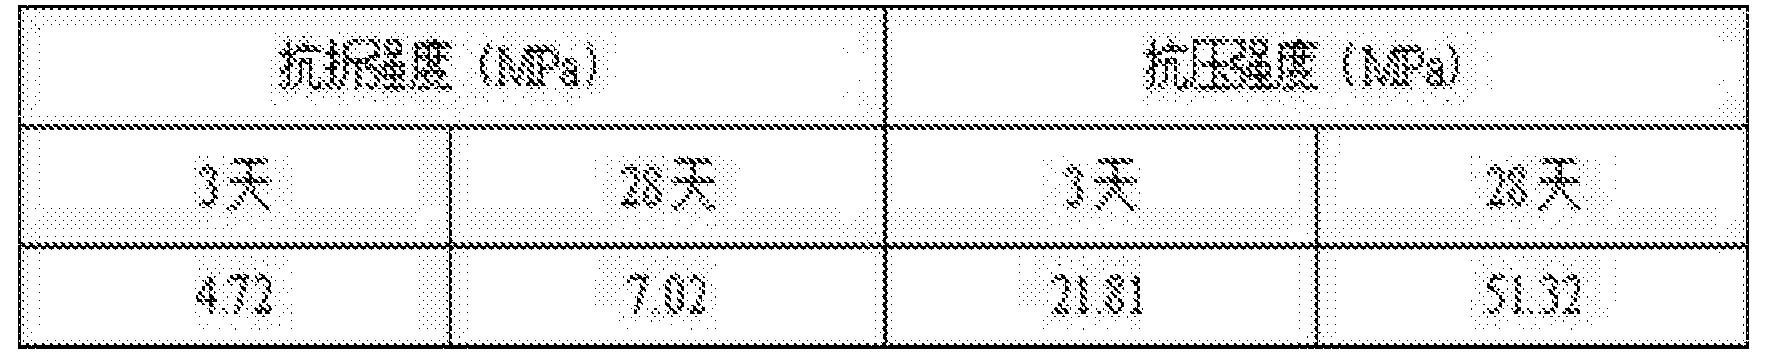 Figure CN104355558BD00071